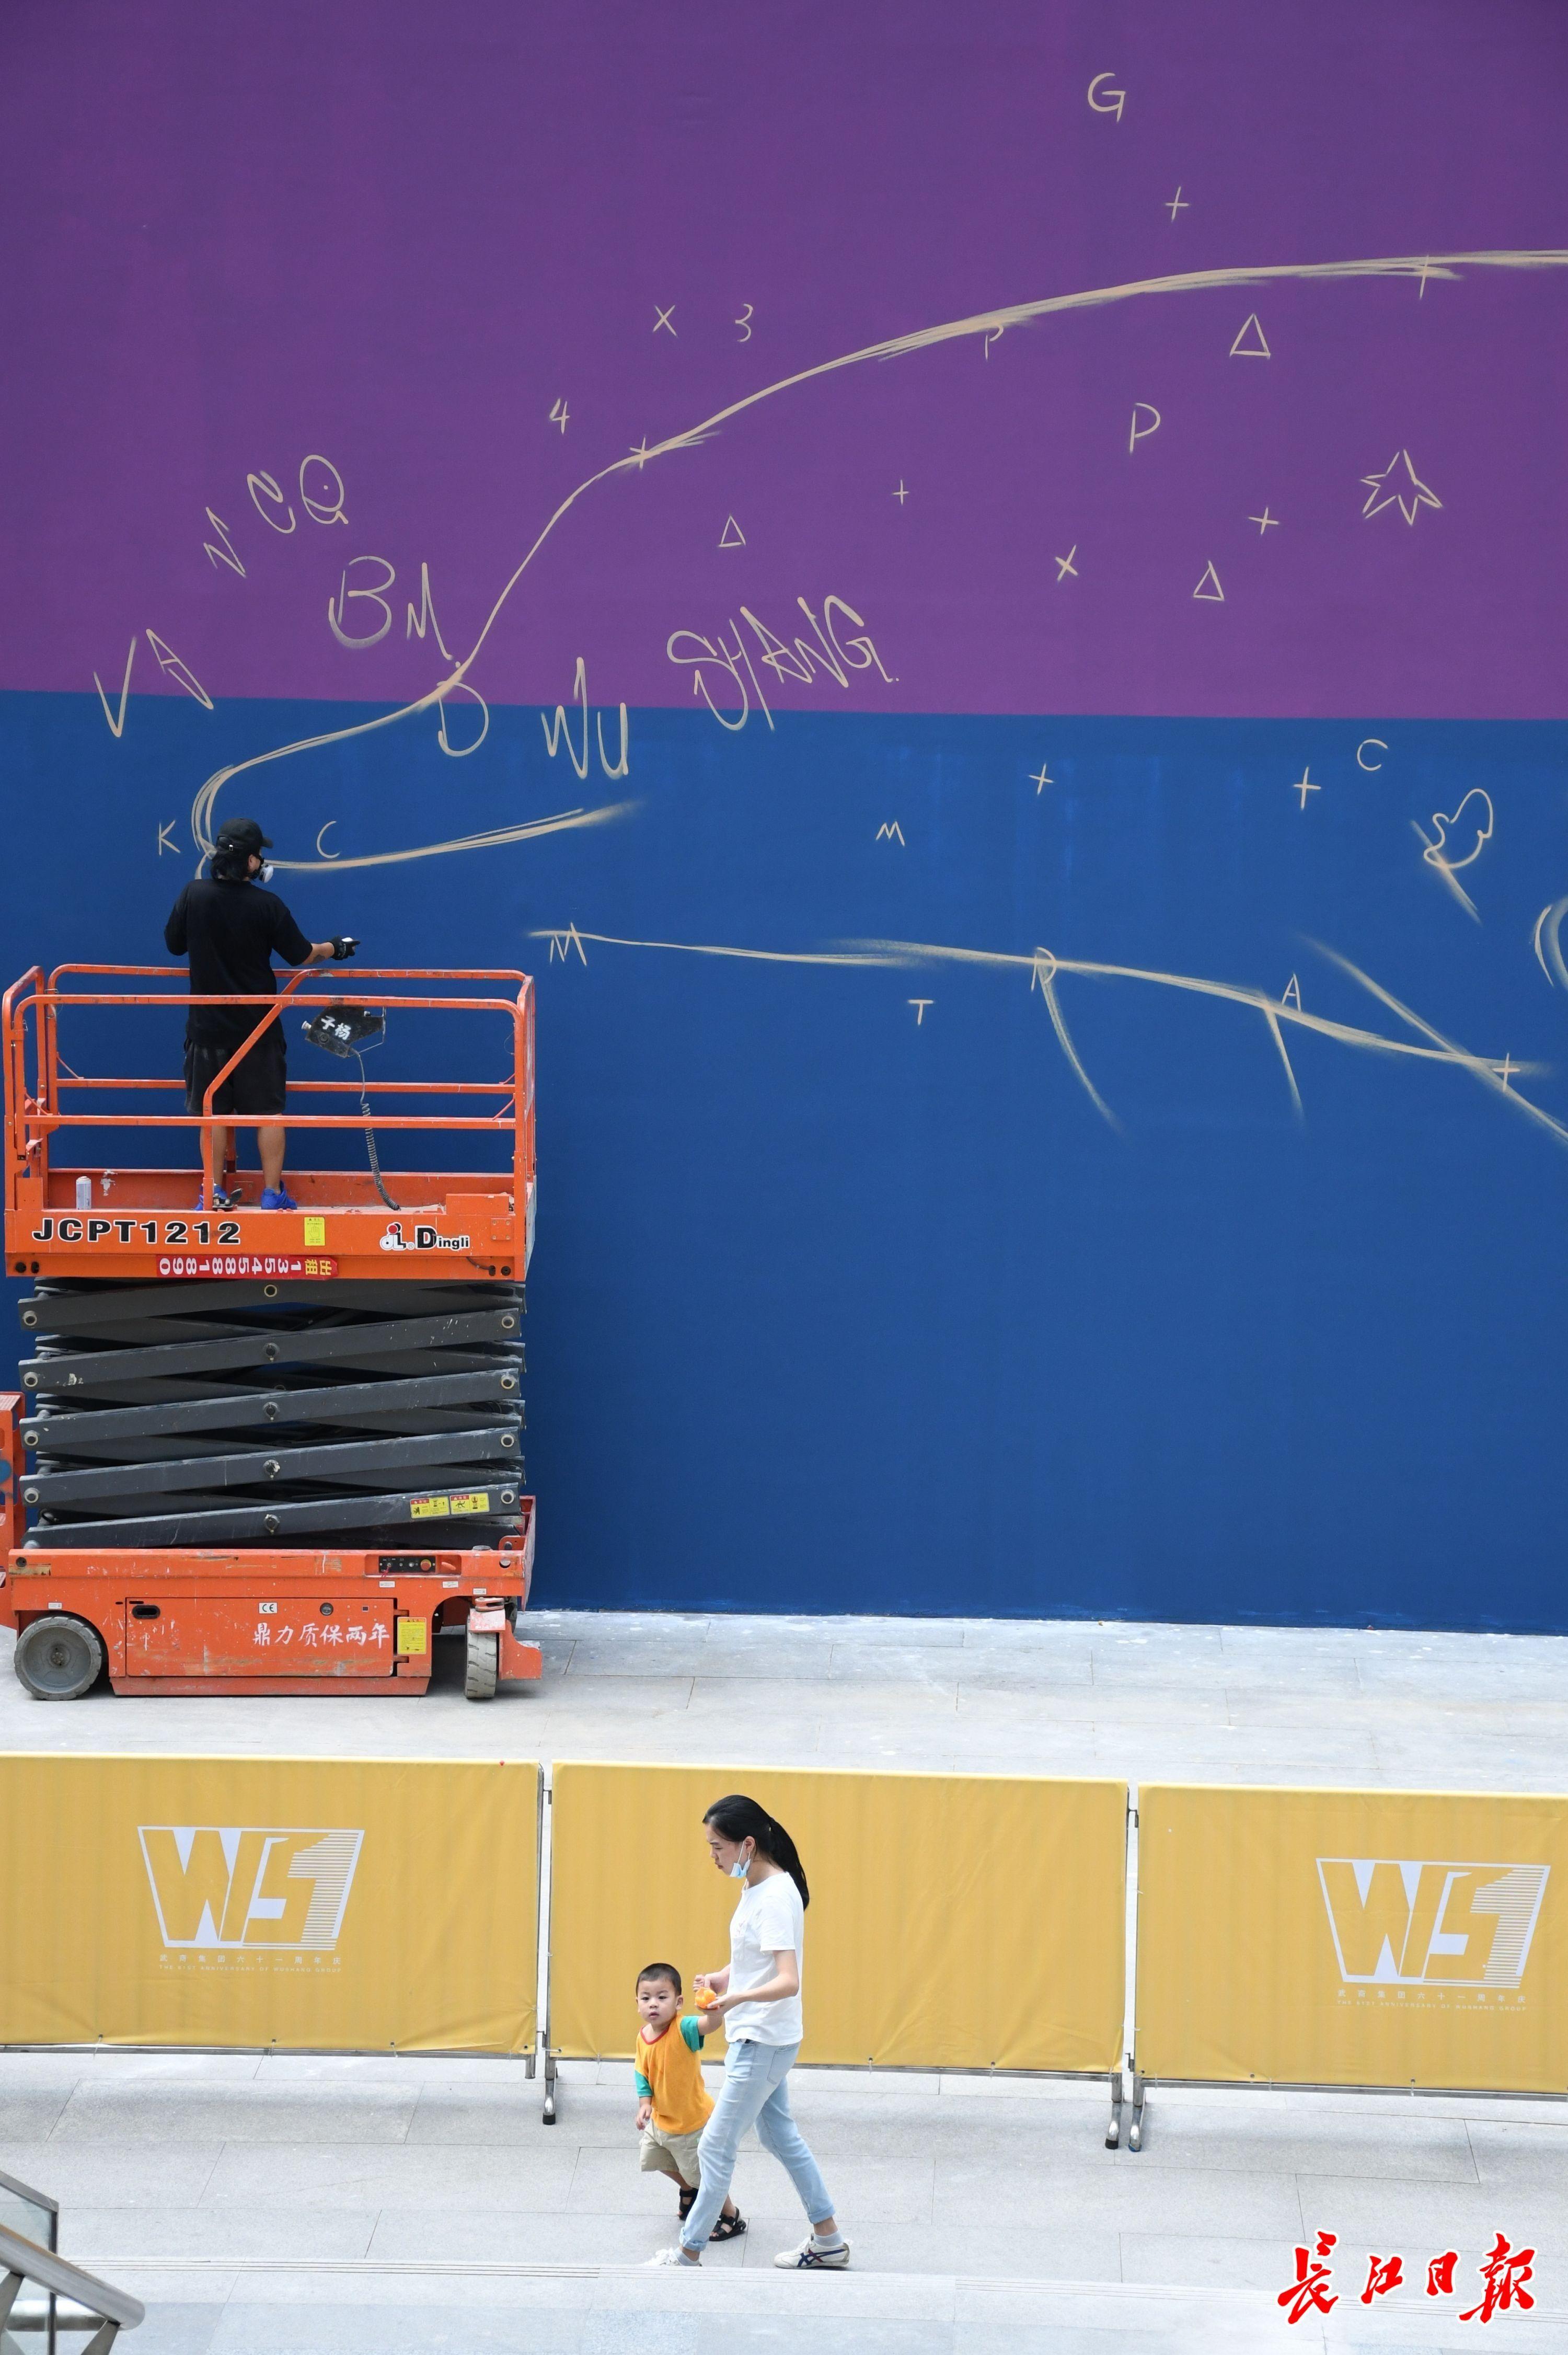 曾在世界各地作画的上海涂鸦艺术家来汉,用巨幅涂鸦献礼英雄城